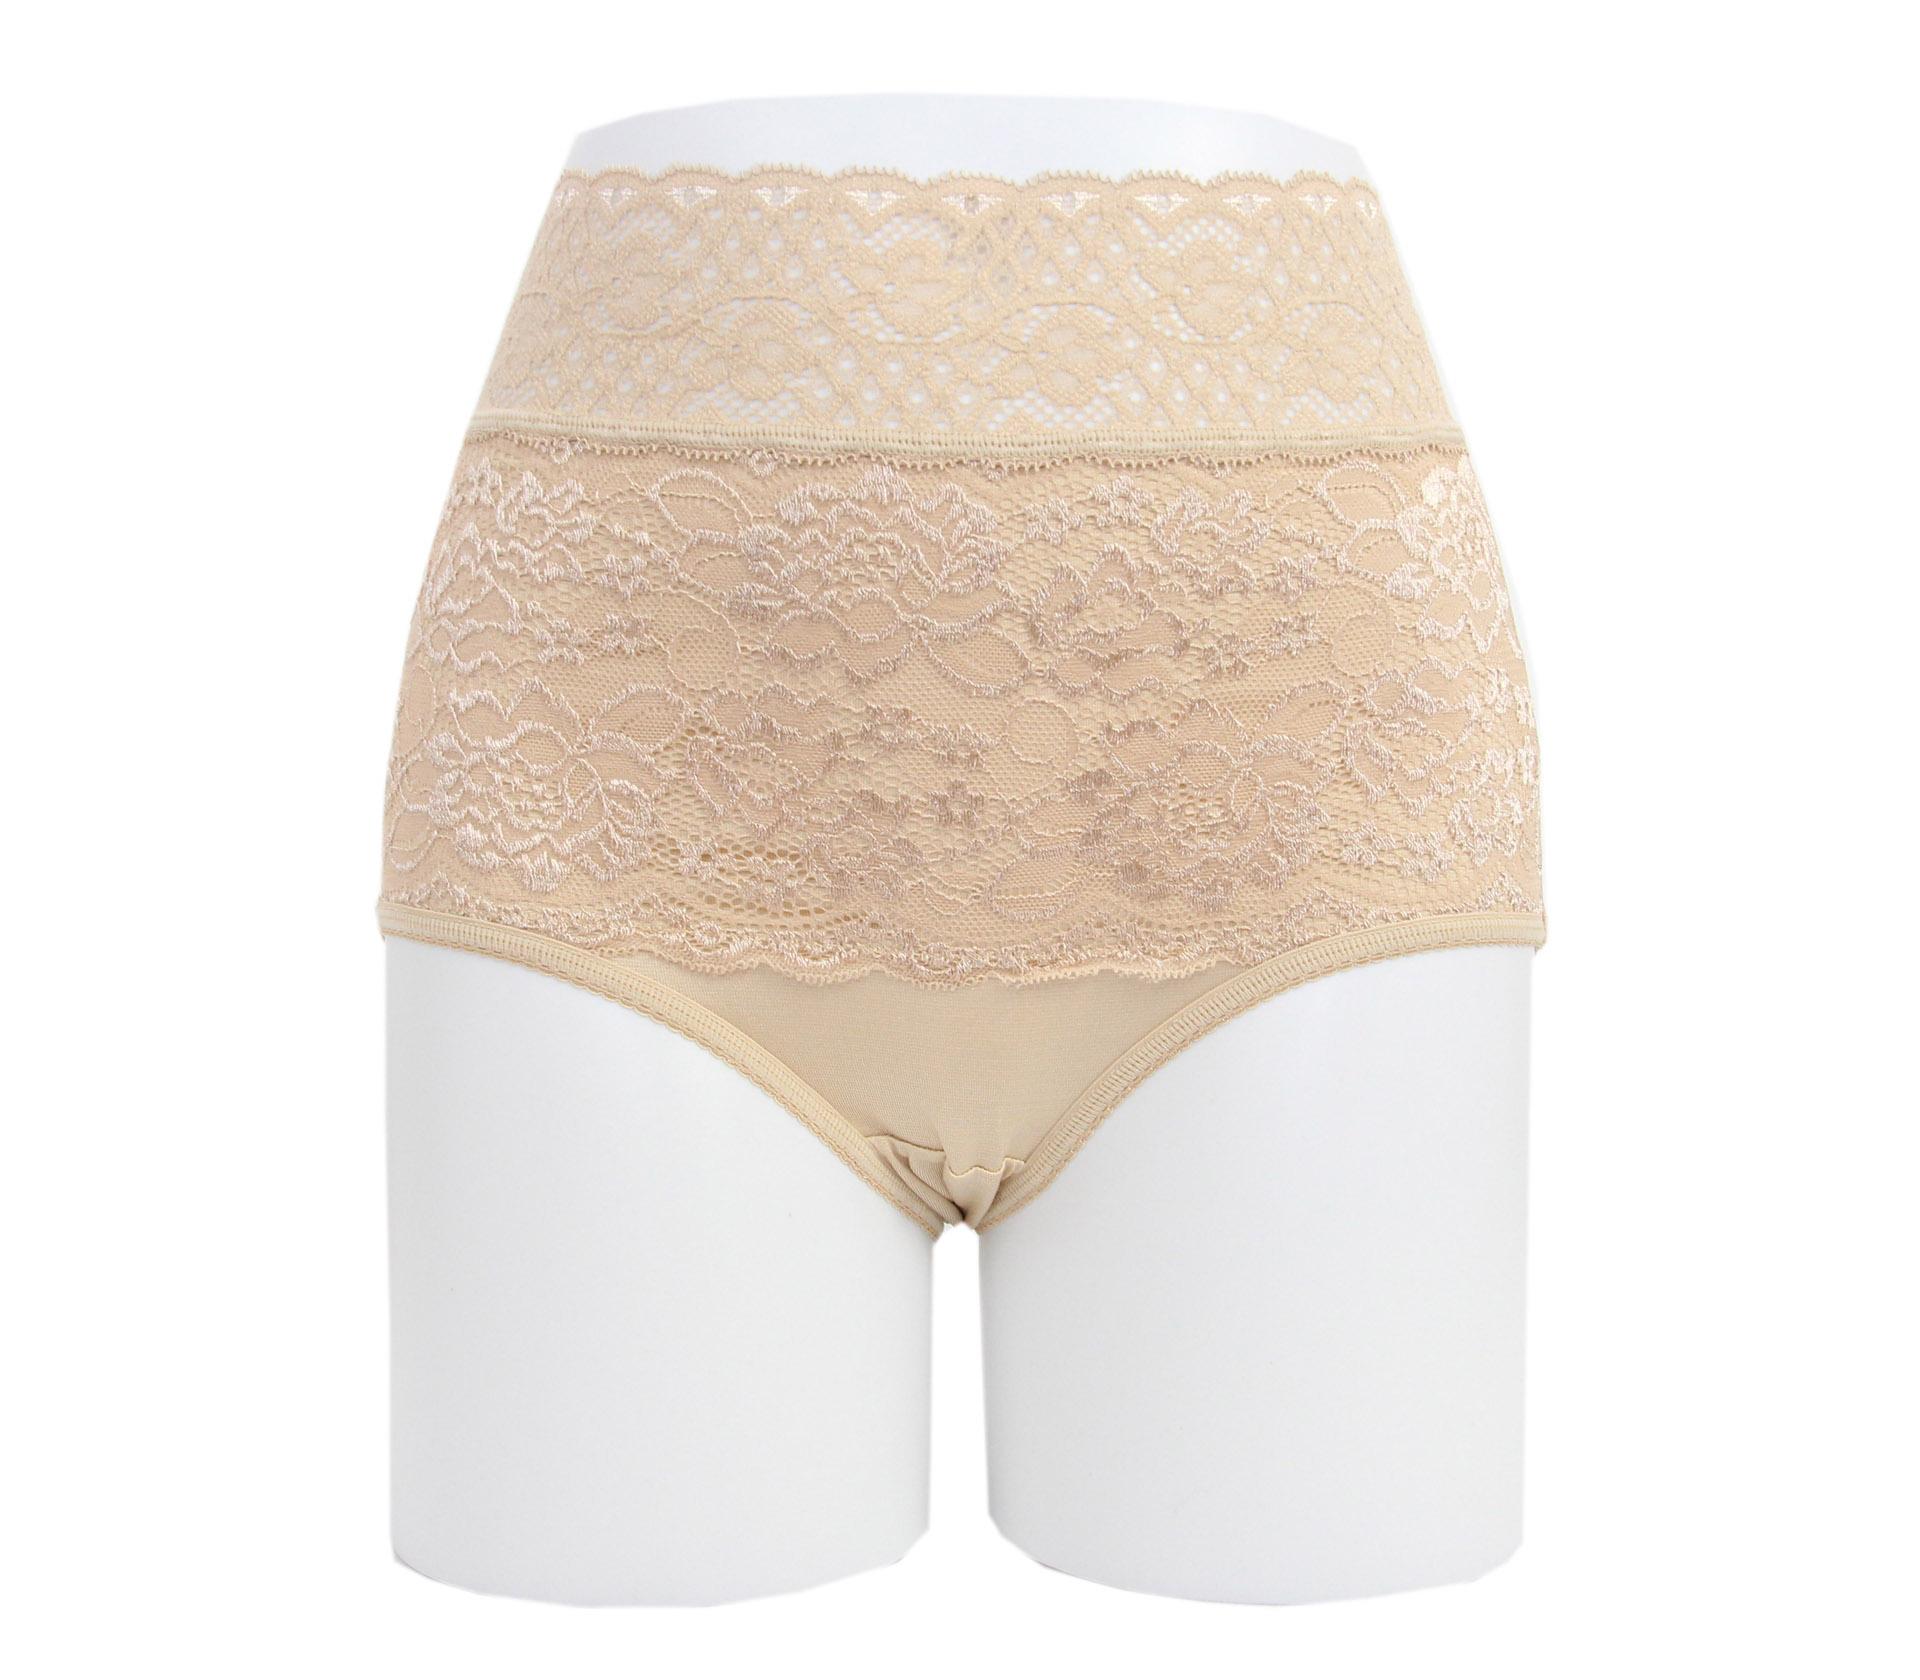 闕蘭絹素面高腰束褲- 膚色 - B802